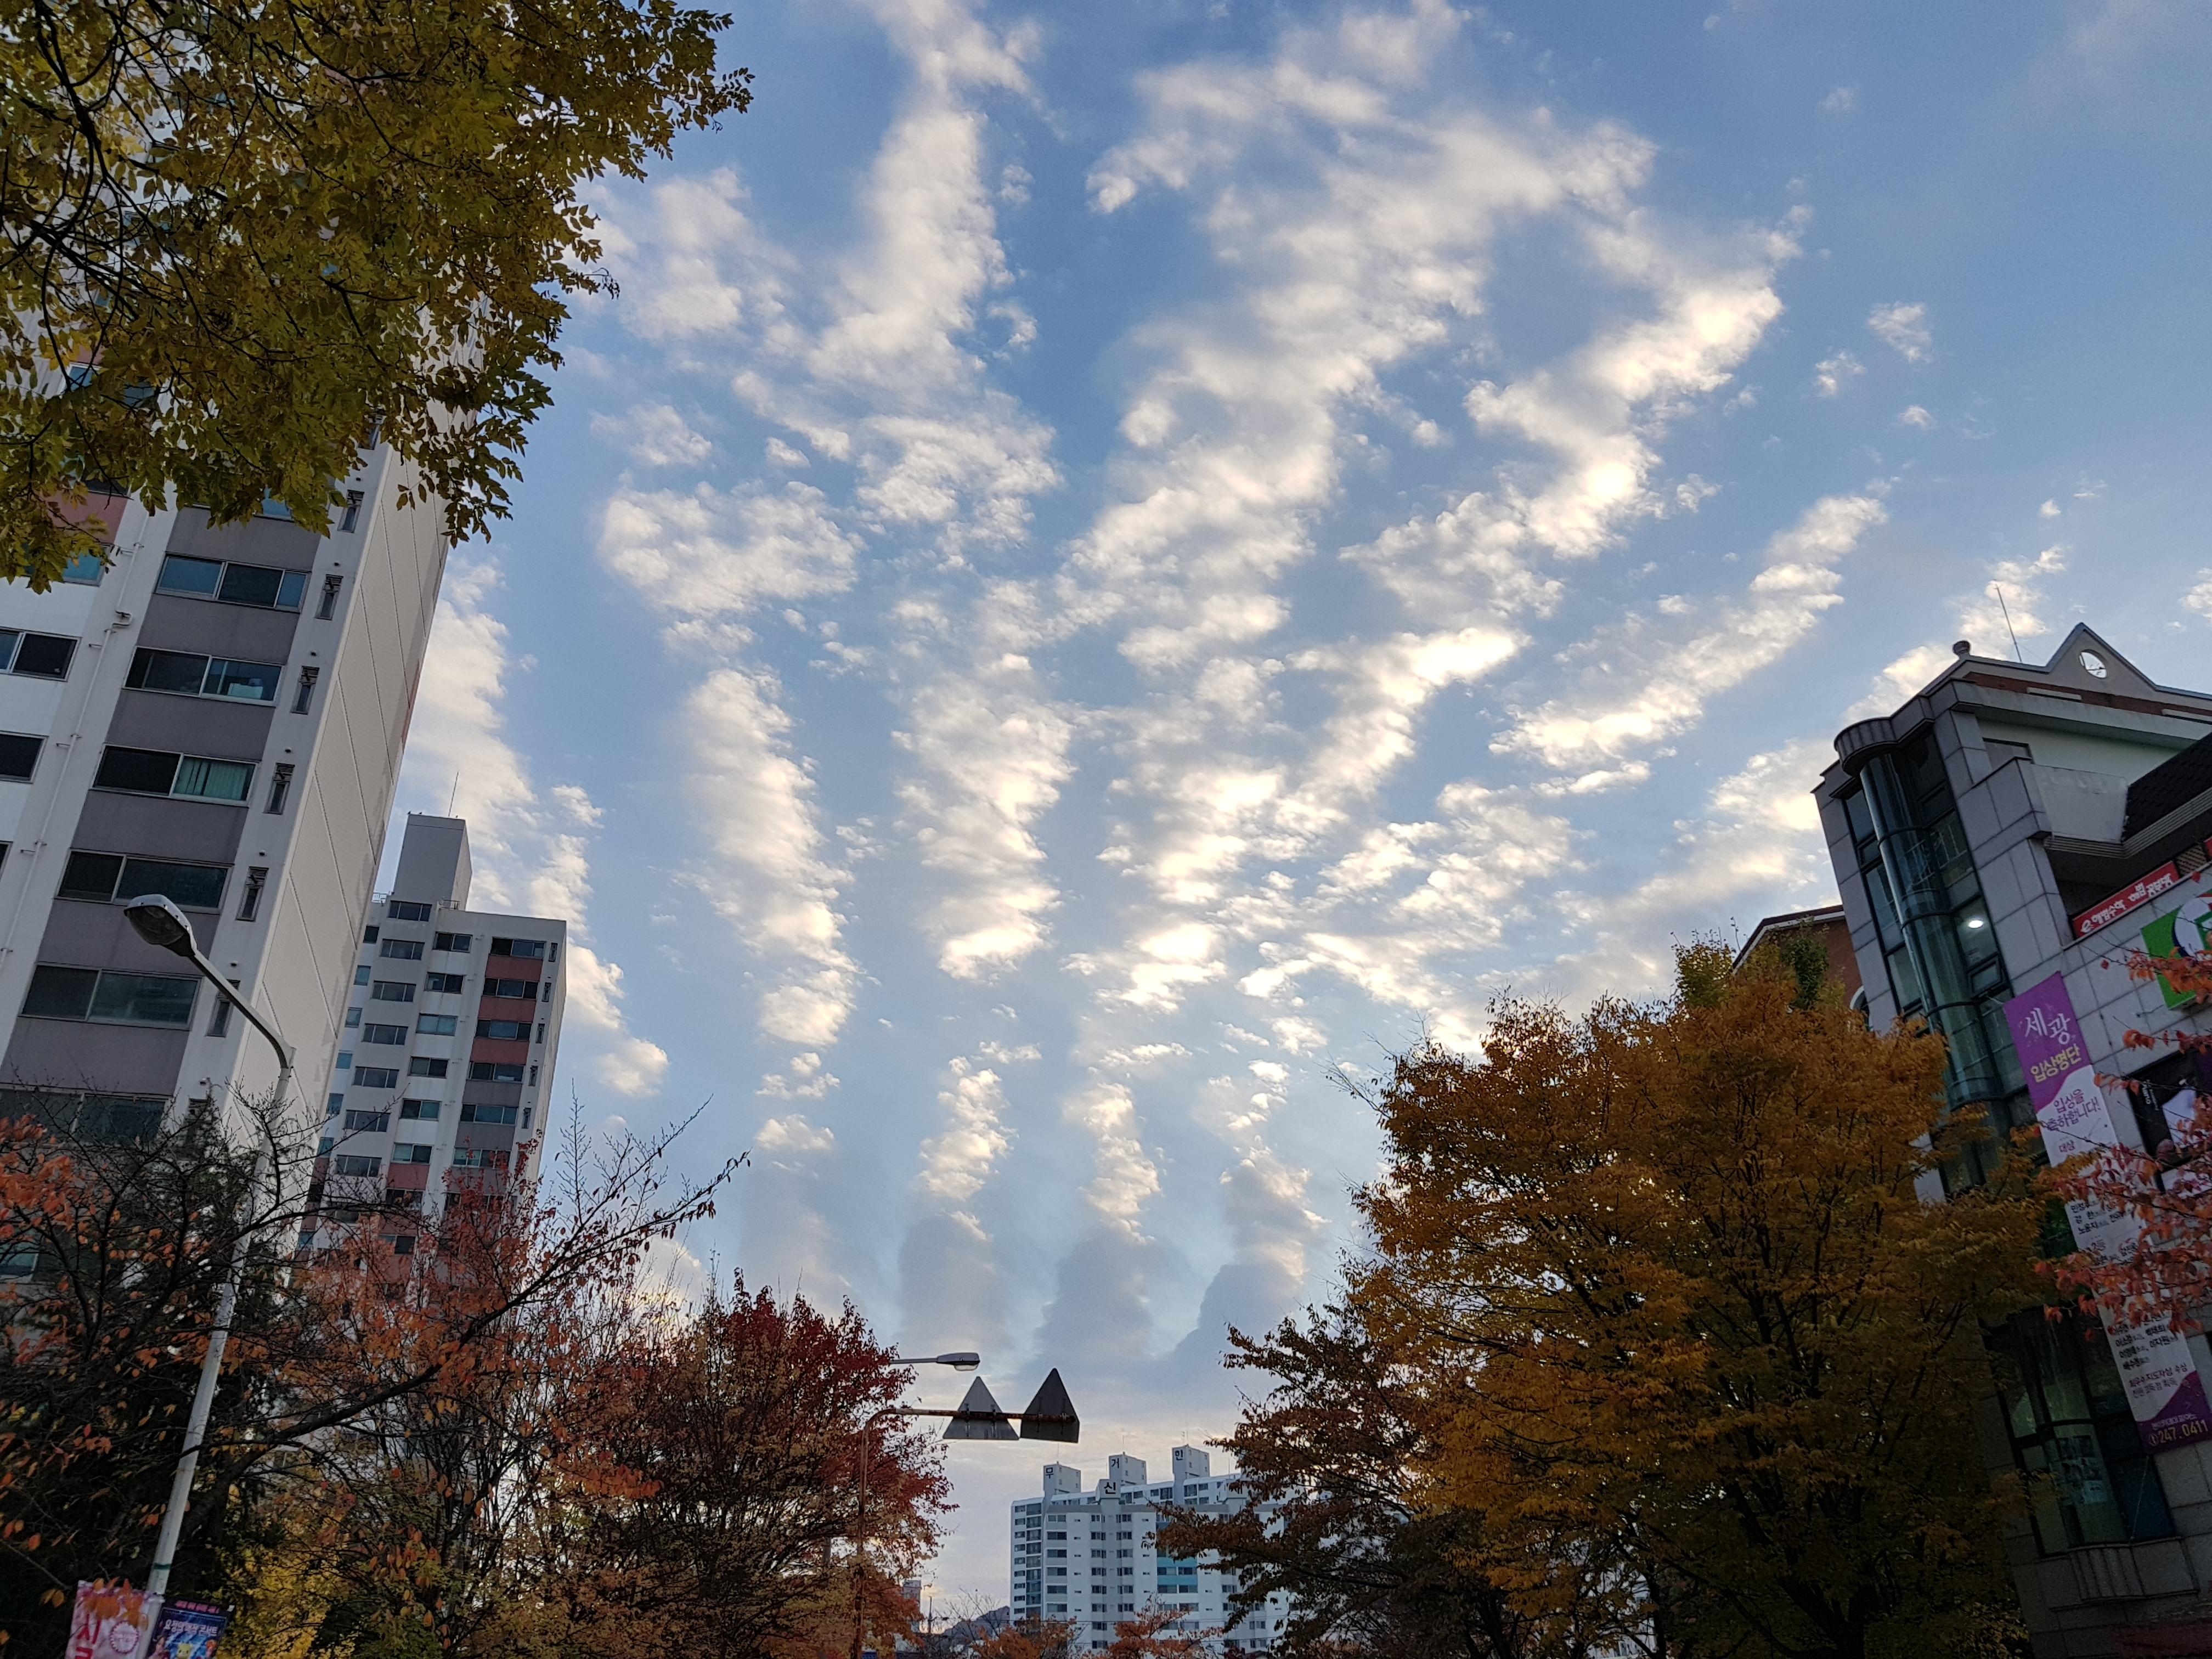 구름이 특이하네요!